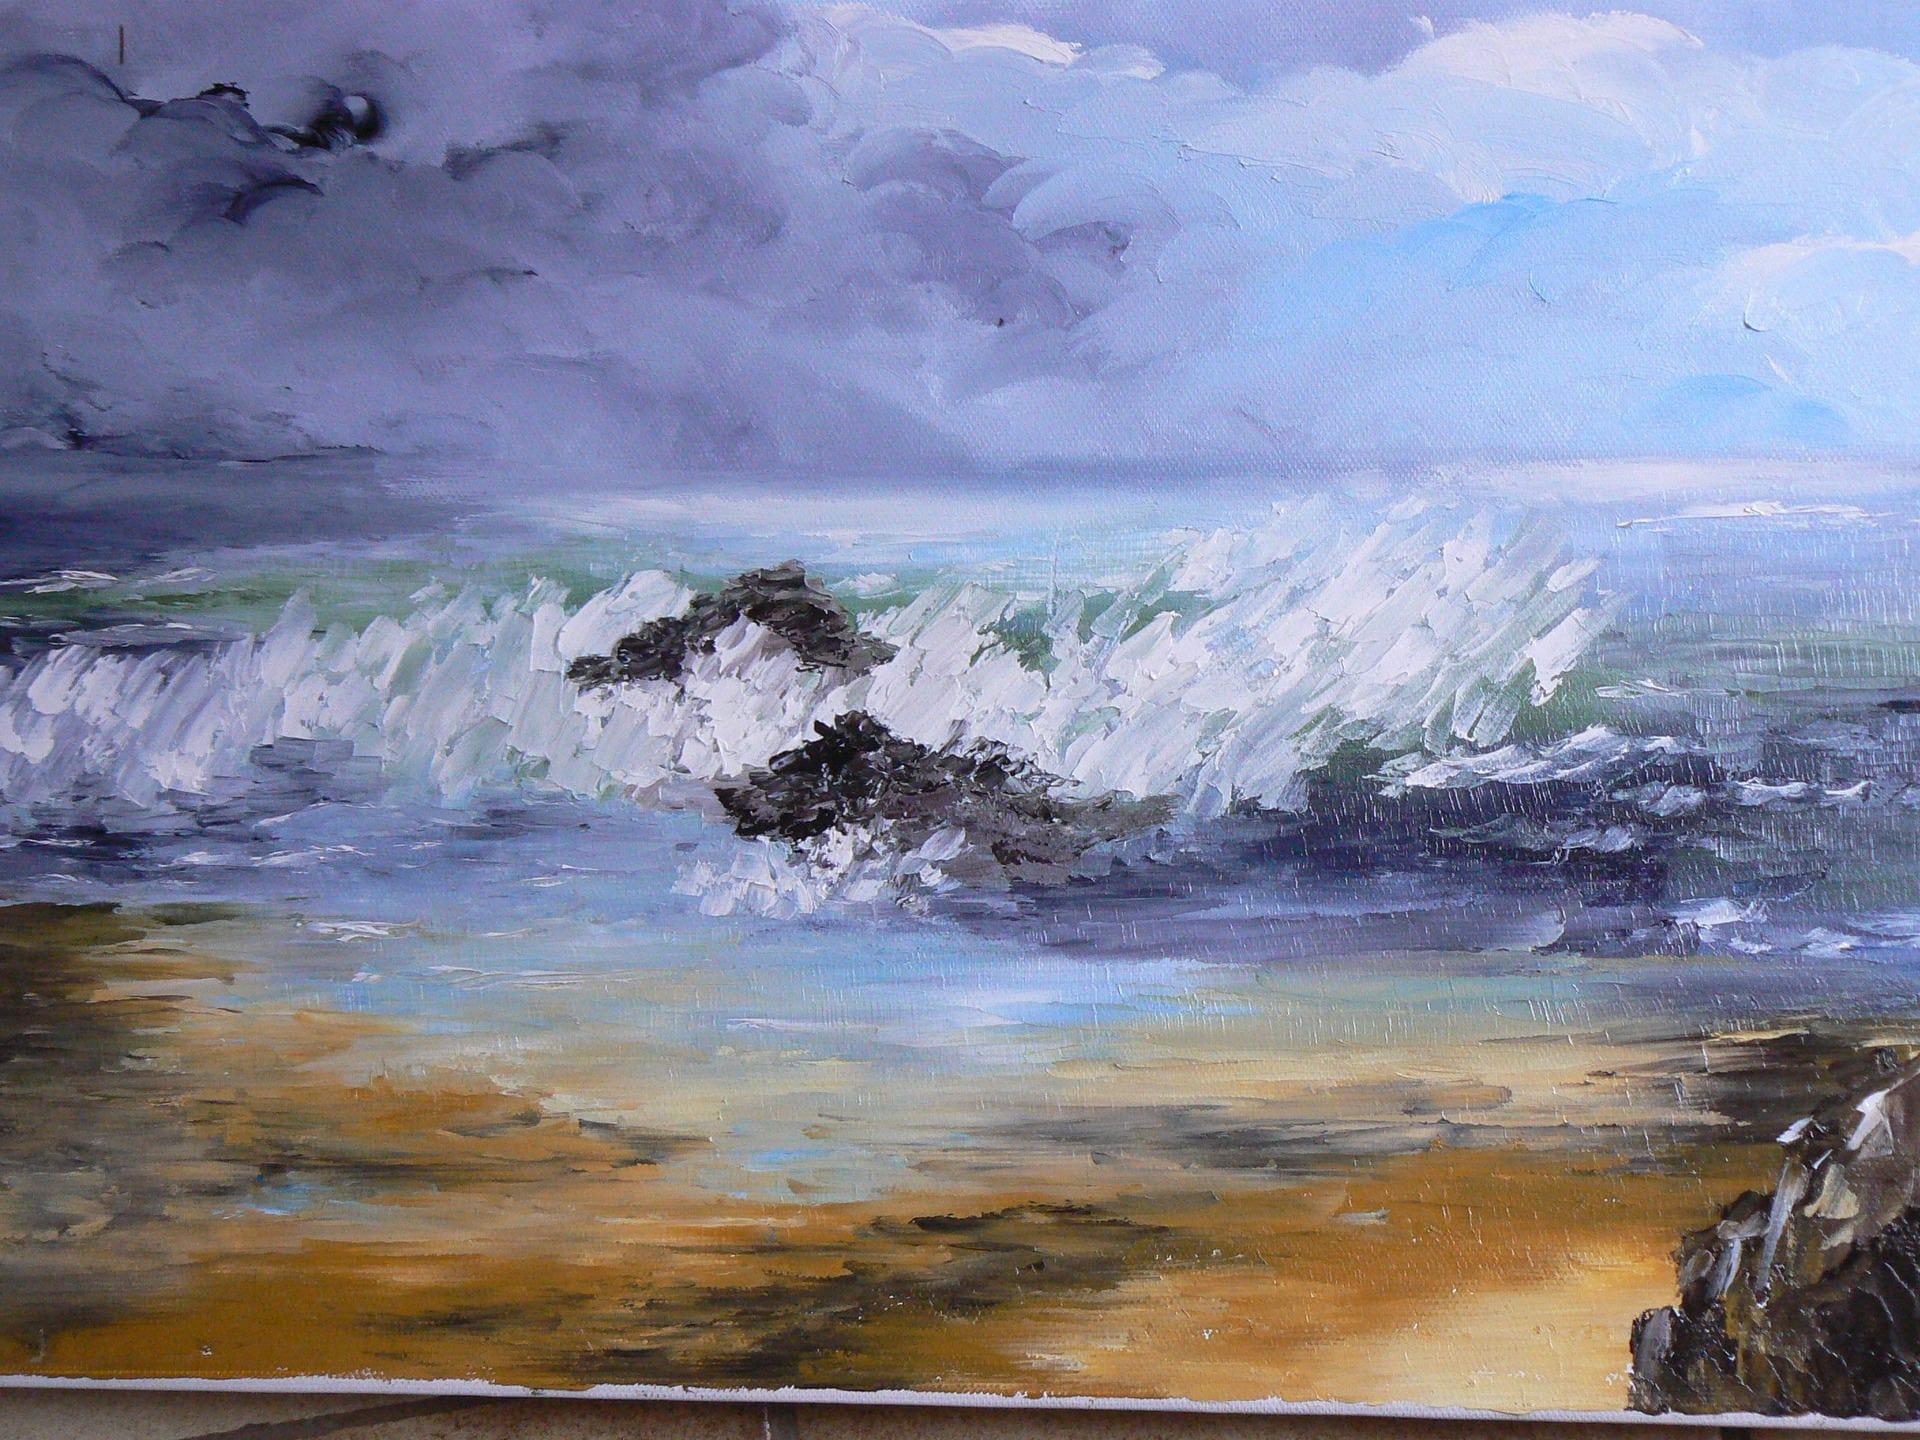 Peinture a l 39 huile realis e au couteau repr sentant la mer - Peinture au couteau huile ...